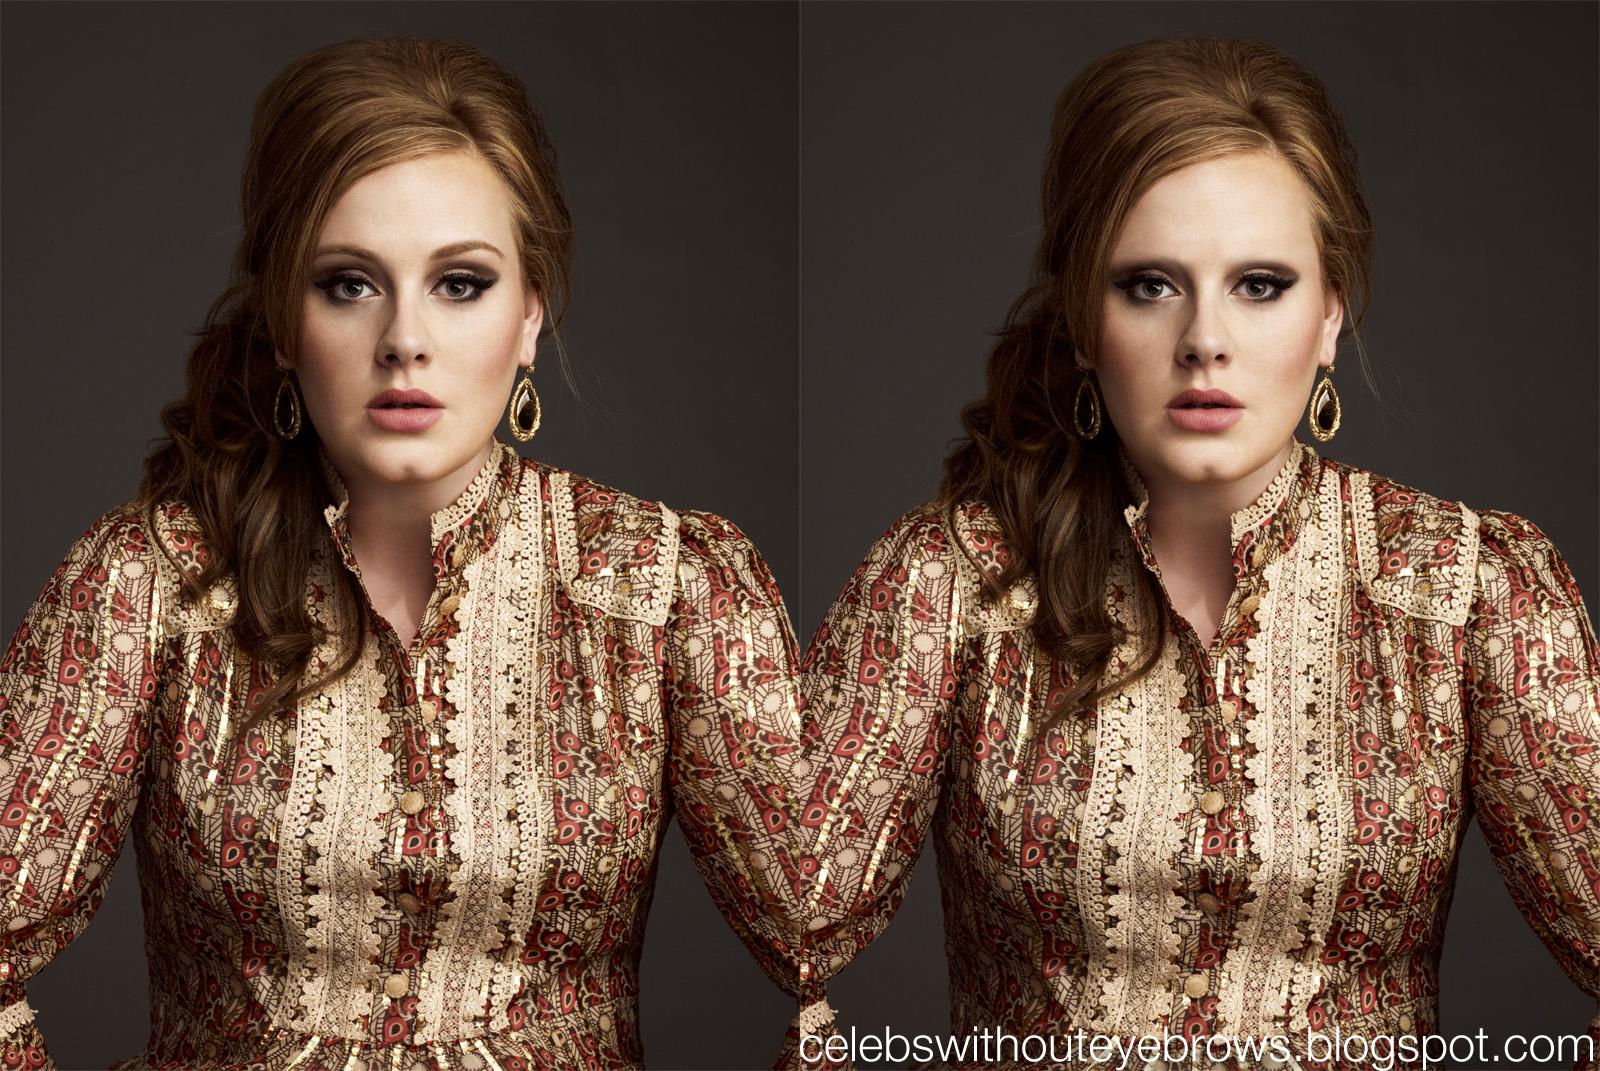 http://2.bp.blogspot.com/-ndxrd8P4_no/TxhT9STgNqI/AAAAAAAAAwY/IJ12lI0sYug/s1600/Adele.jpg